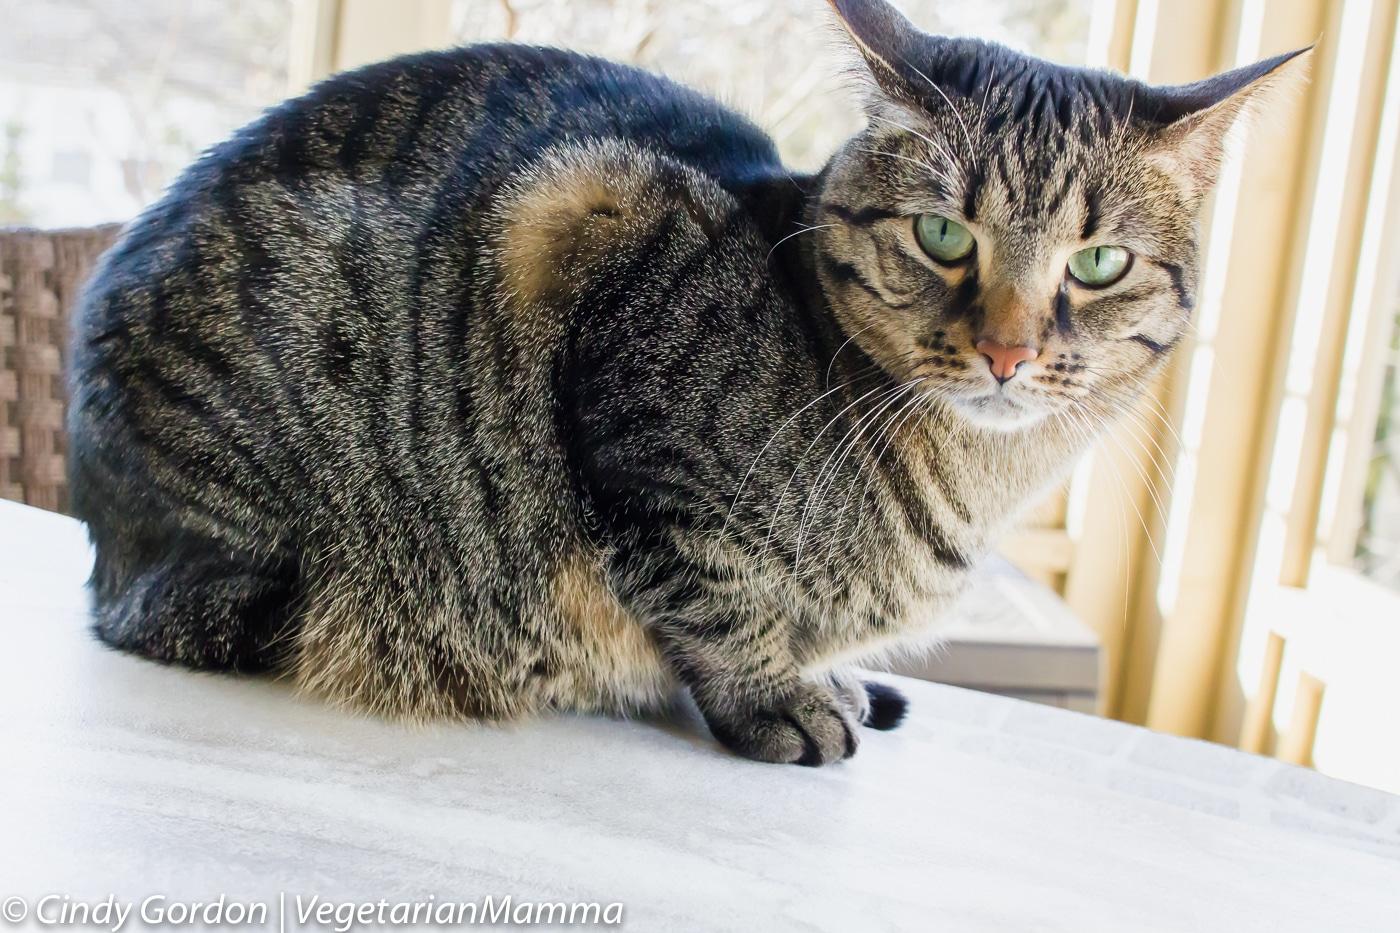 a cat sitting on a ledge